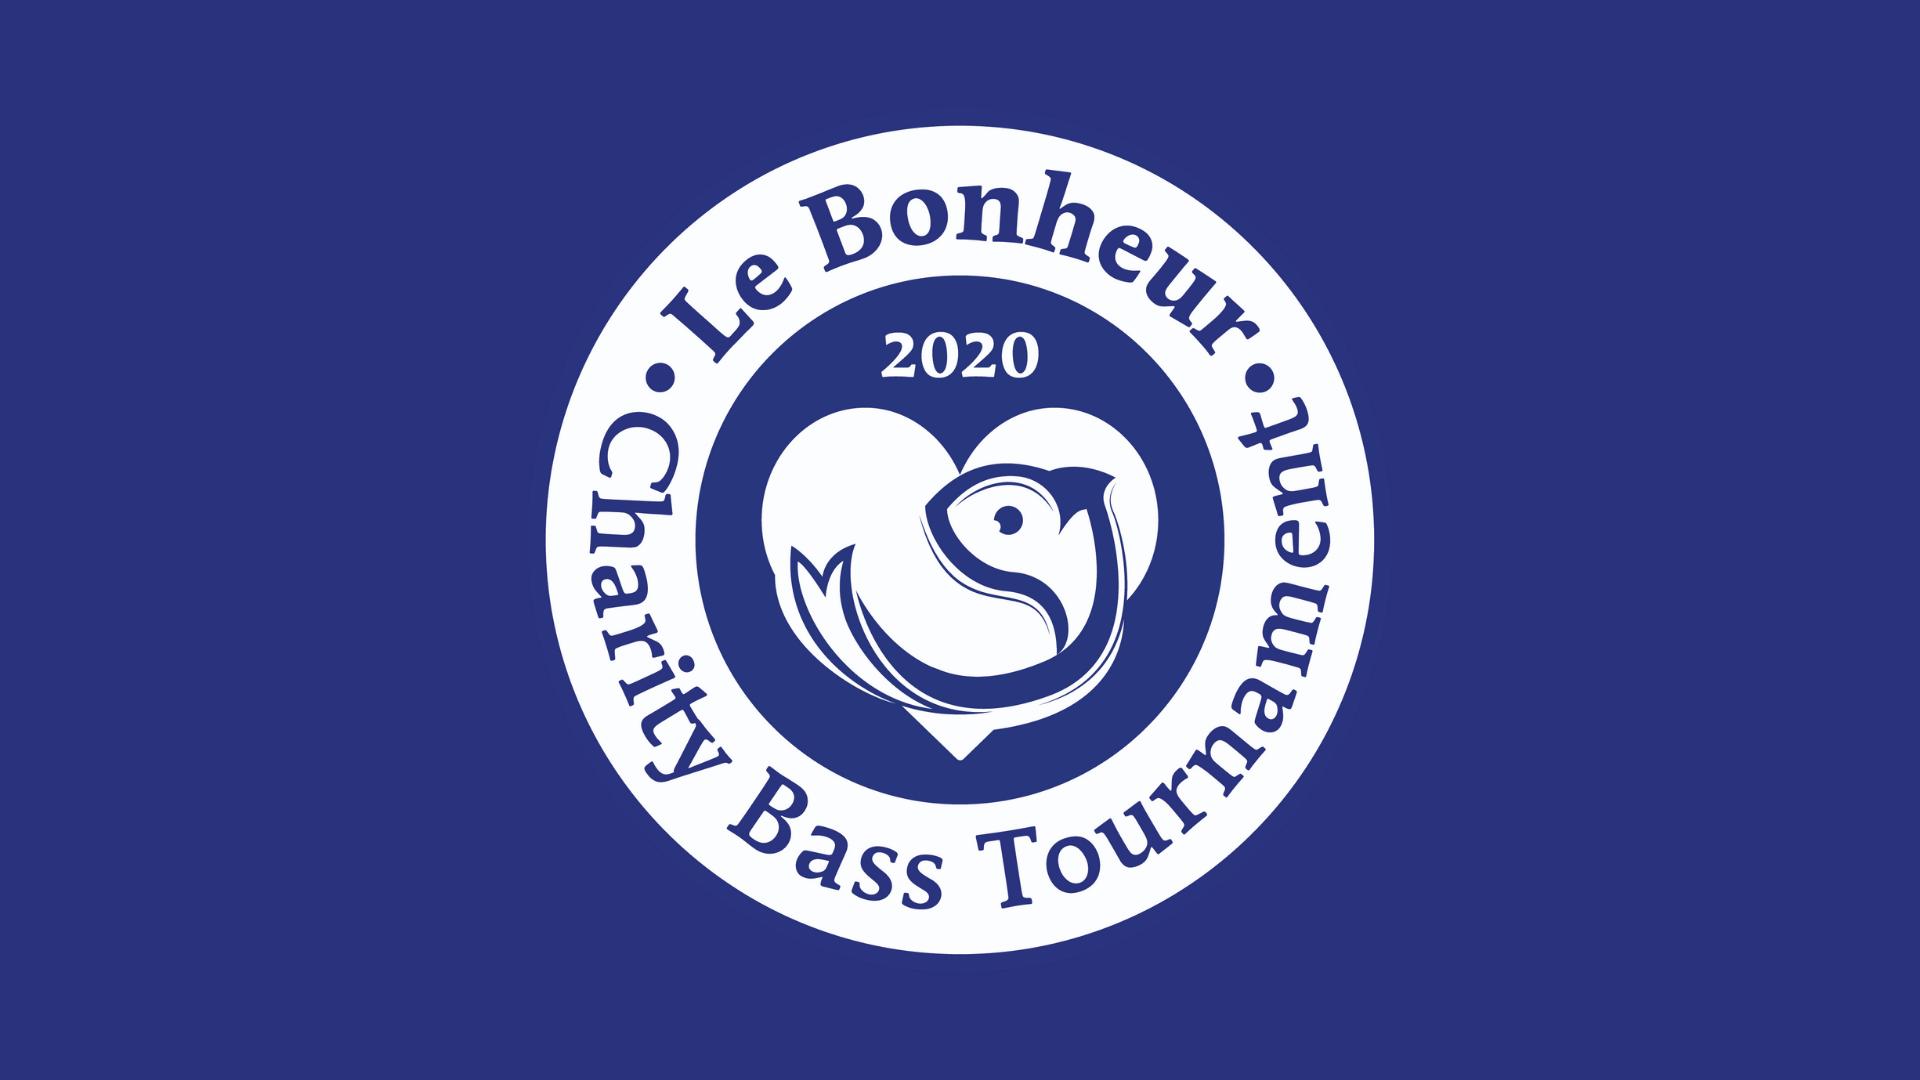 Le Bonheur Charity Bass Tournament